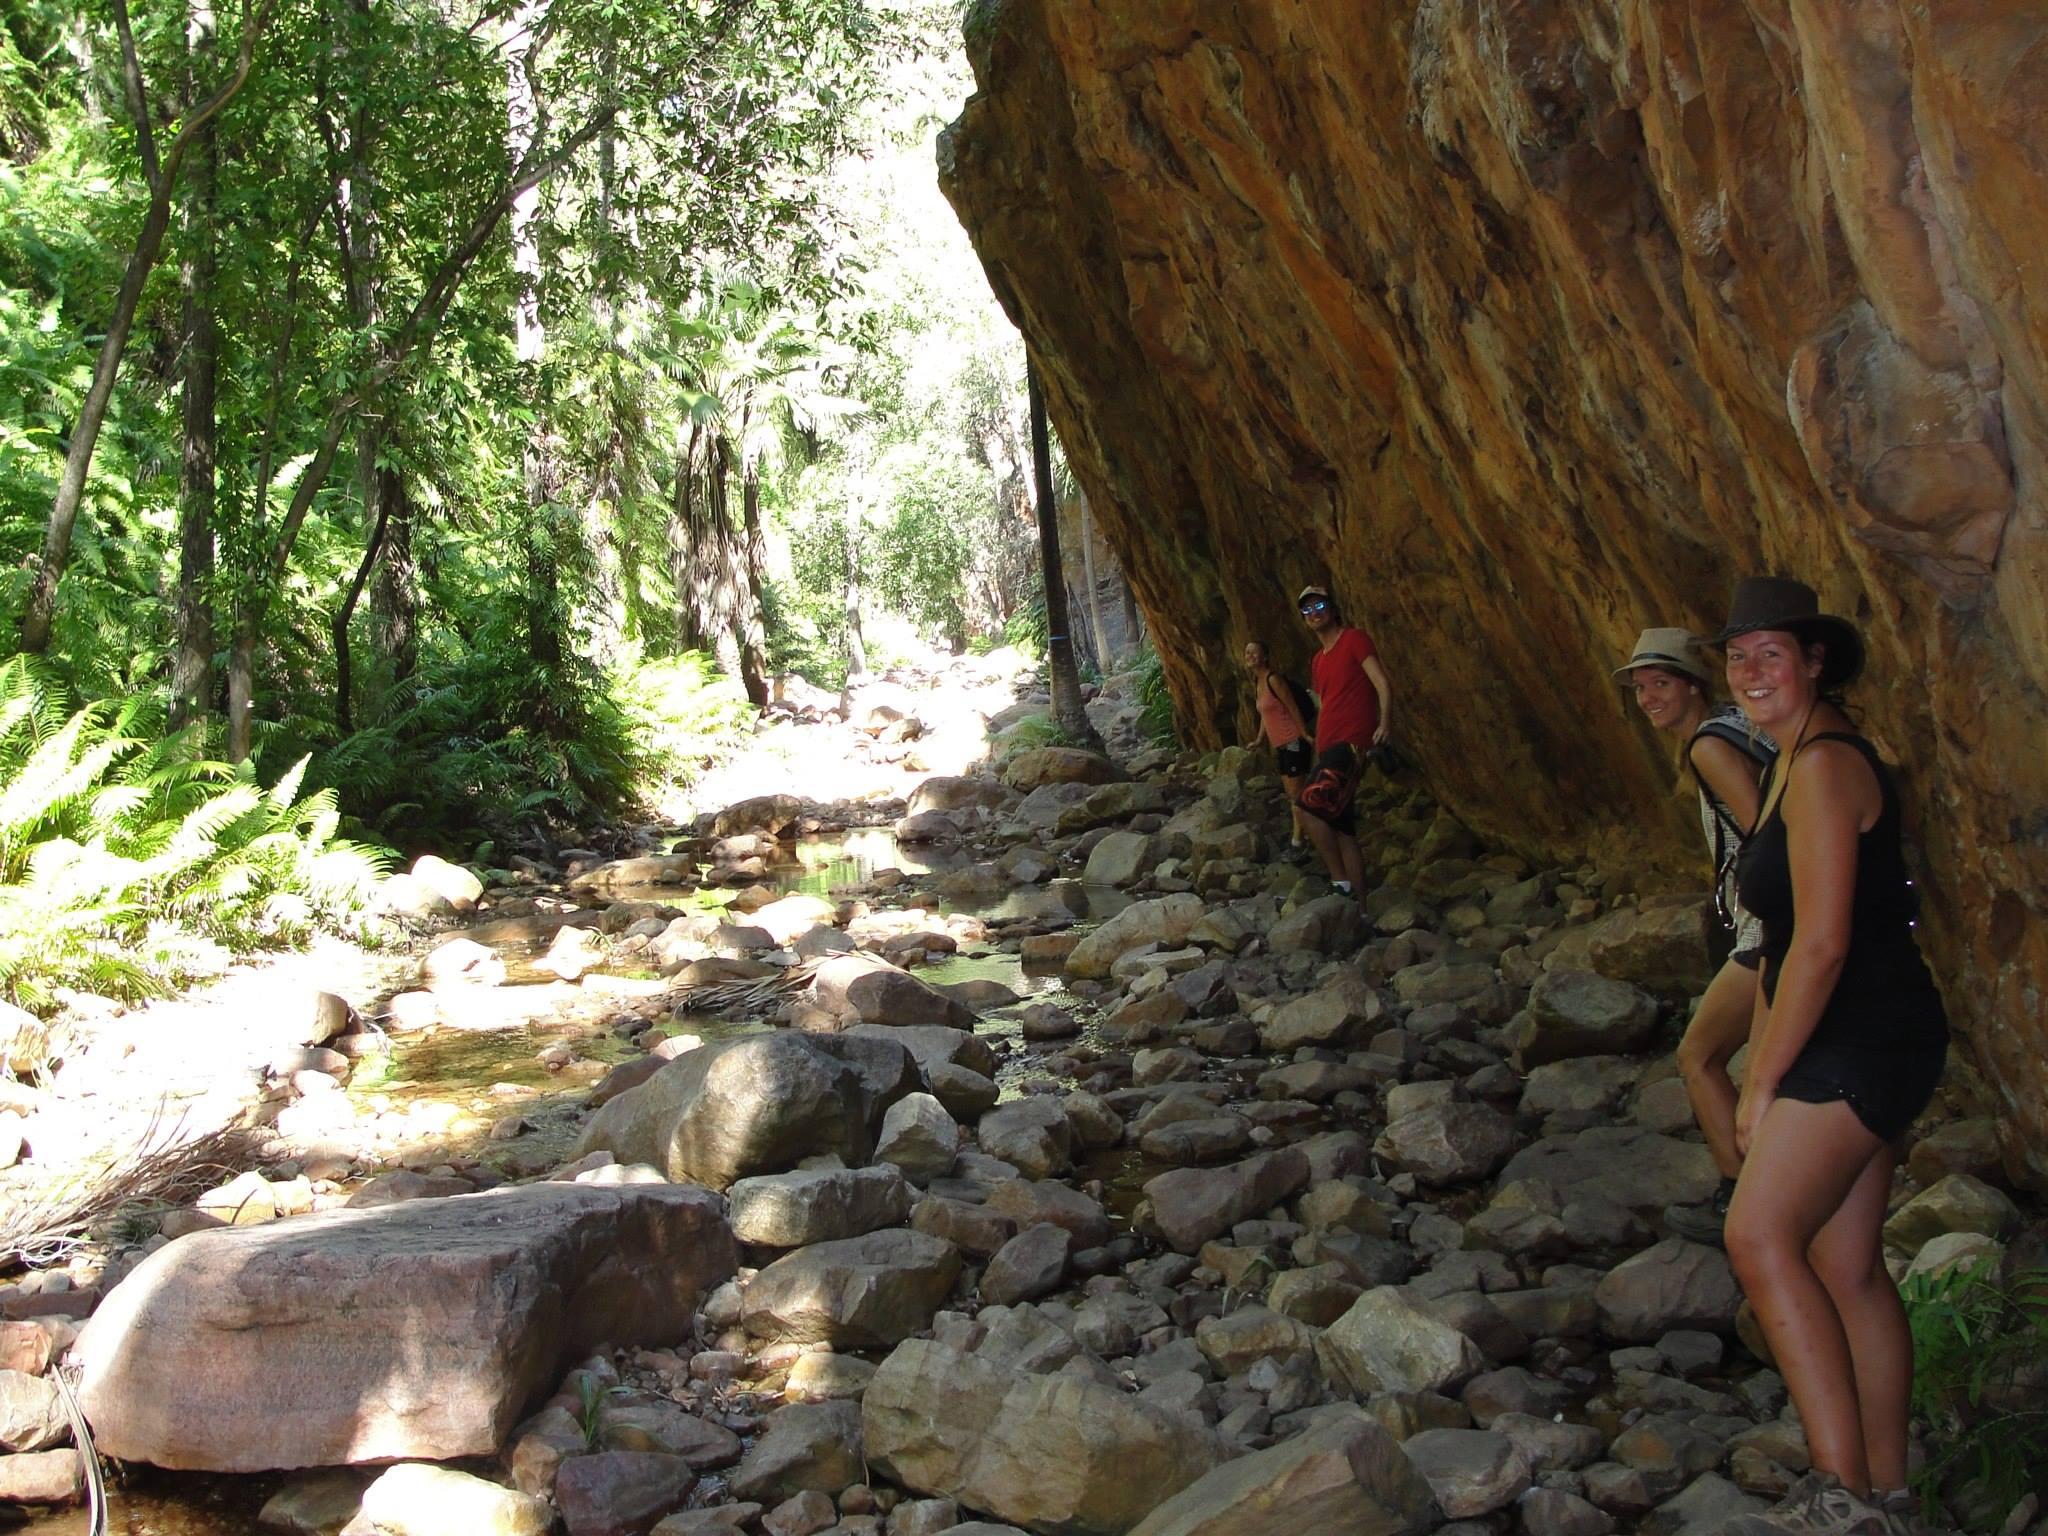 Hiking through a gorge